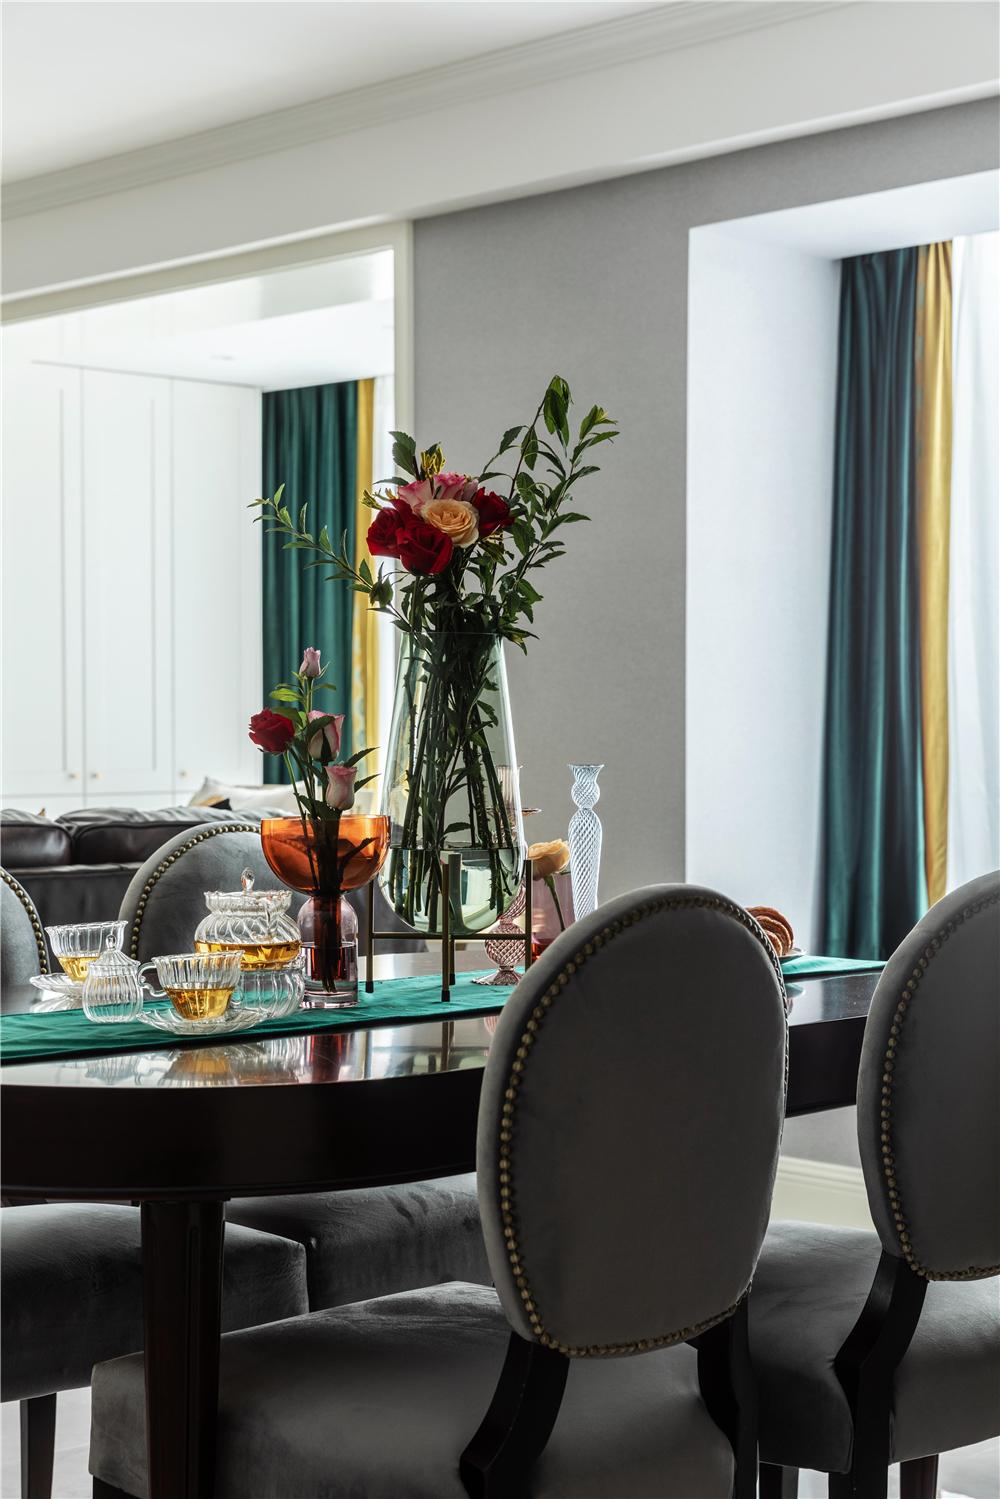 简美风格三居餐厅装修效果图